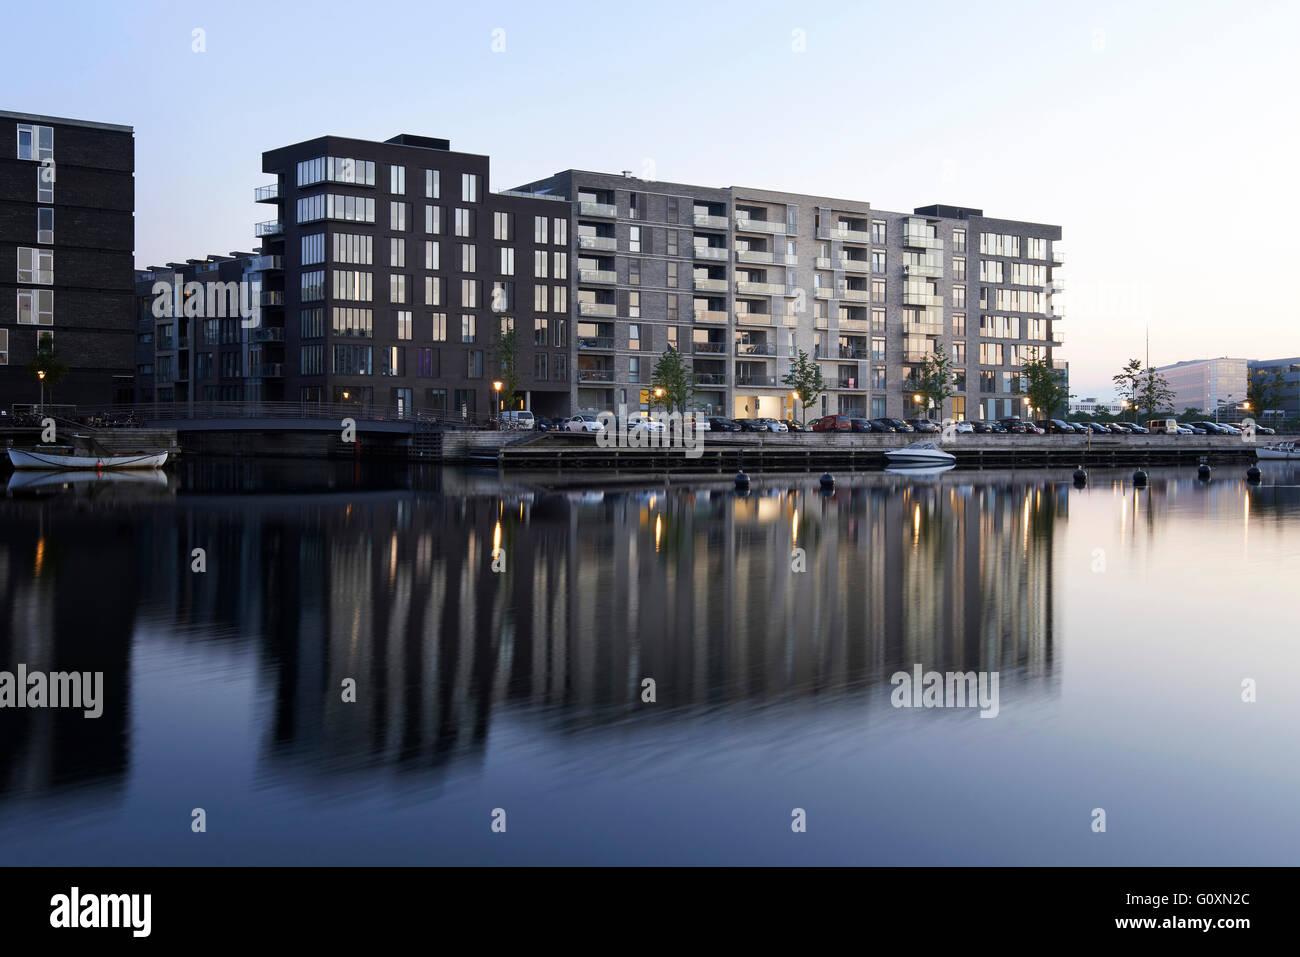 Sluseholmen, eine künstliche Halbinsel im Süden Hafen von Kopenhagen, die sanierten Docks und Standort Stockbild